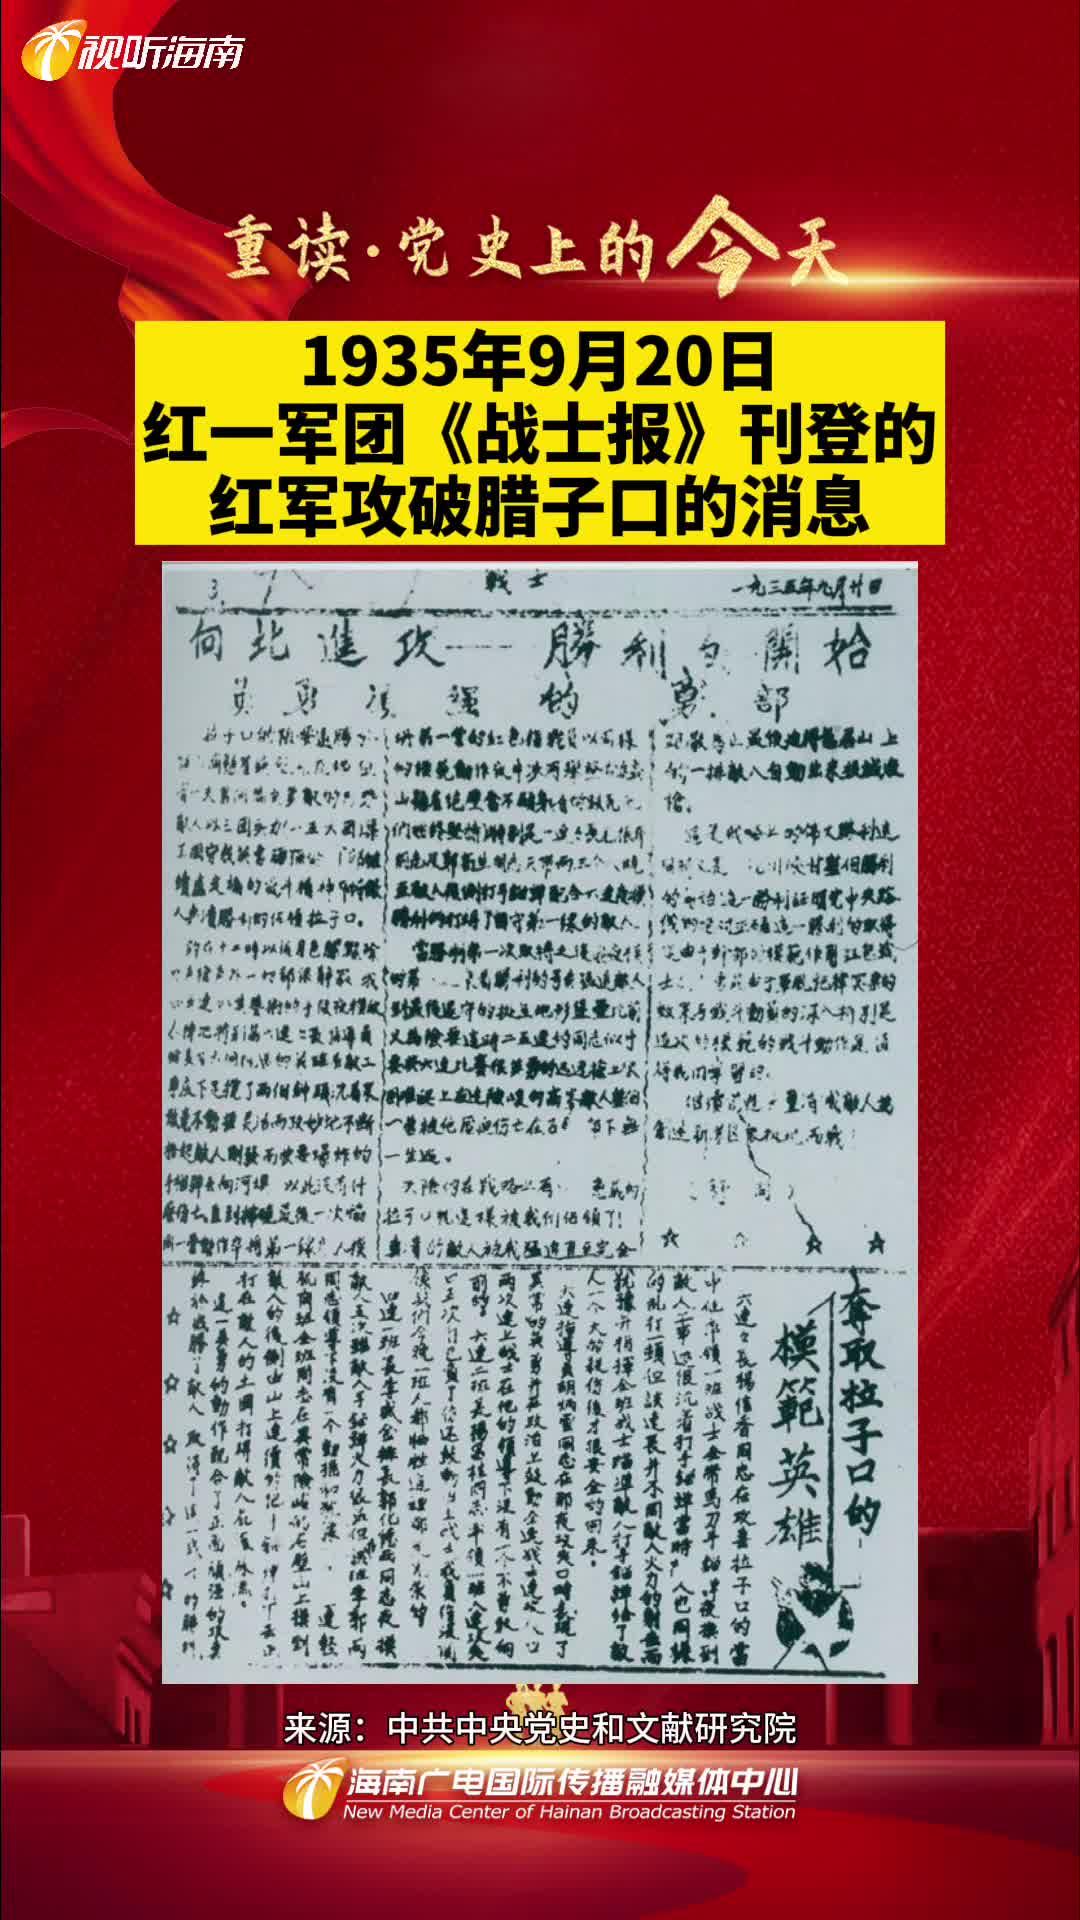 重读• 党史上的今天 1935年9月20日,红一军团《战士报》刊登的红军攻破腊子口的消息